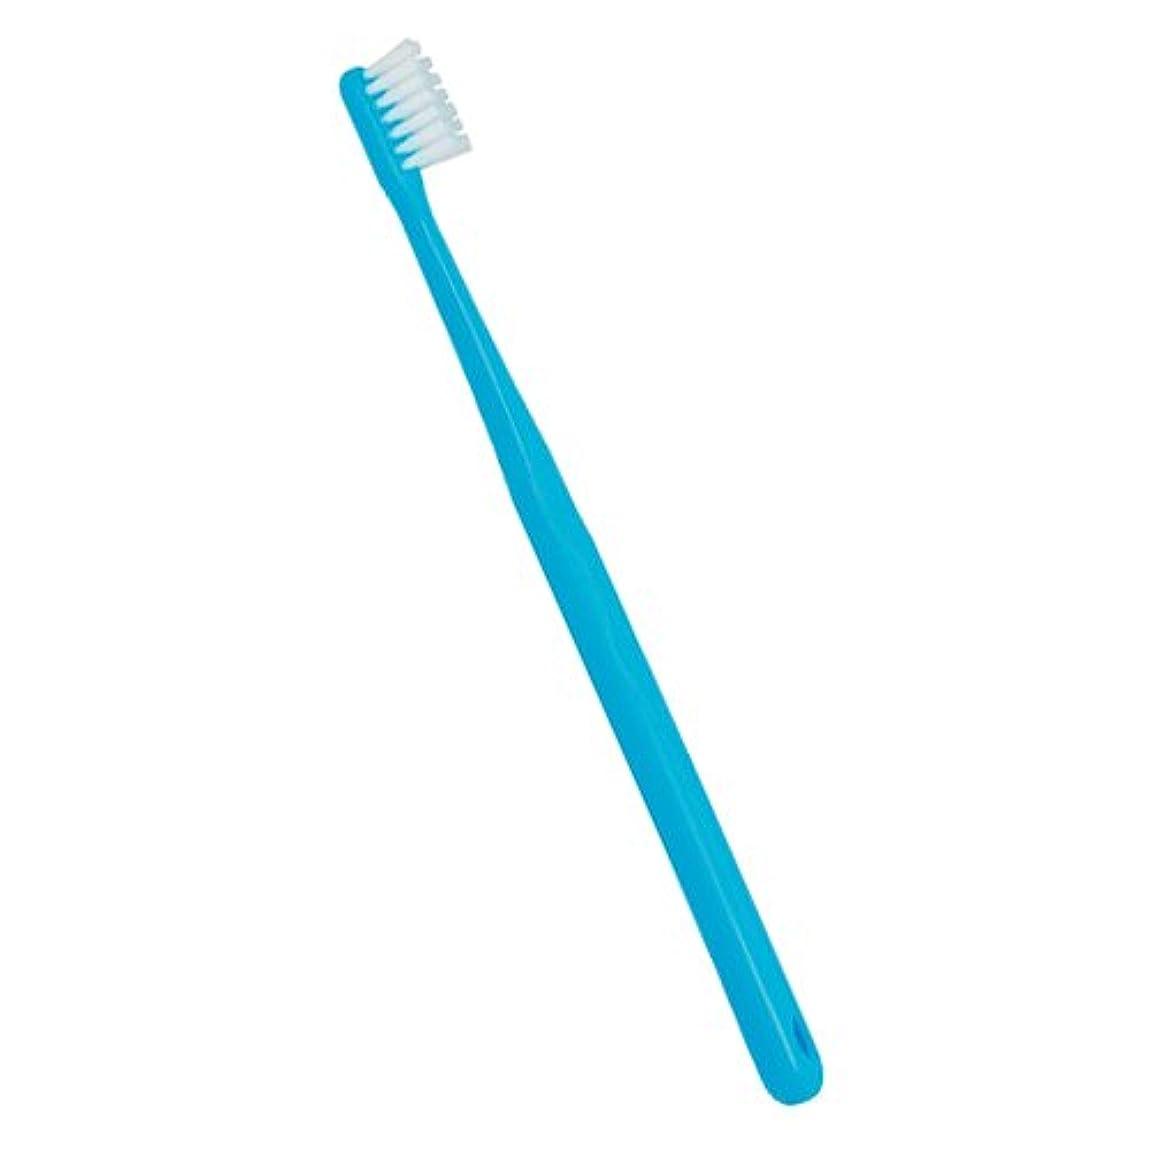 アブストラクトグリット手錠Ciメディカル 歯ブラシ Ci702(フラットタイプ) 1本(M ふつう(ブルー))